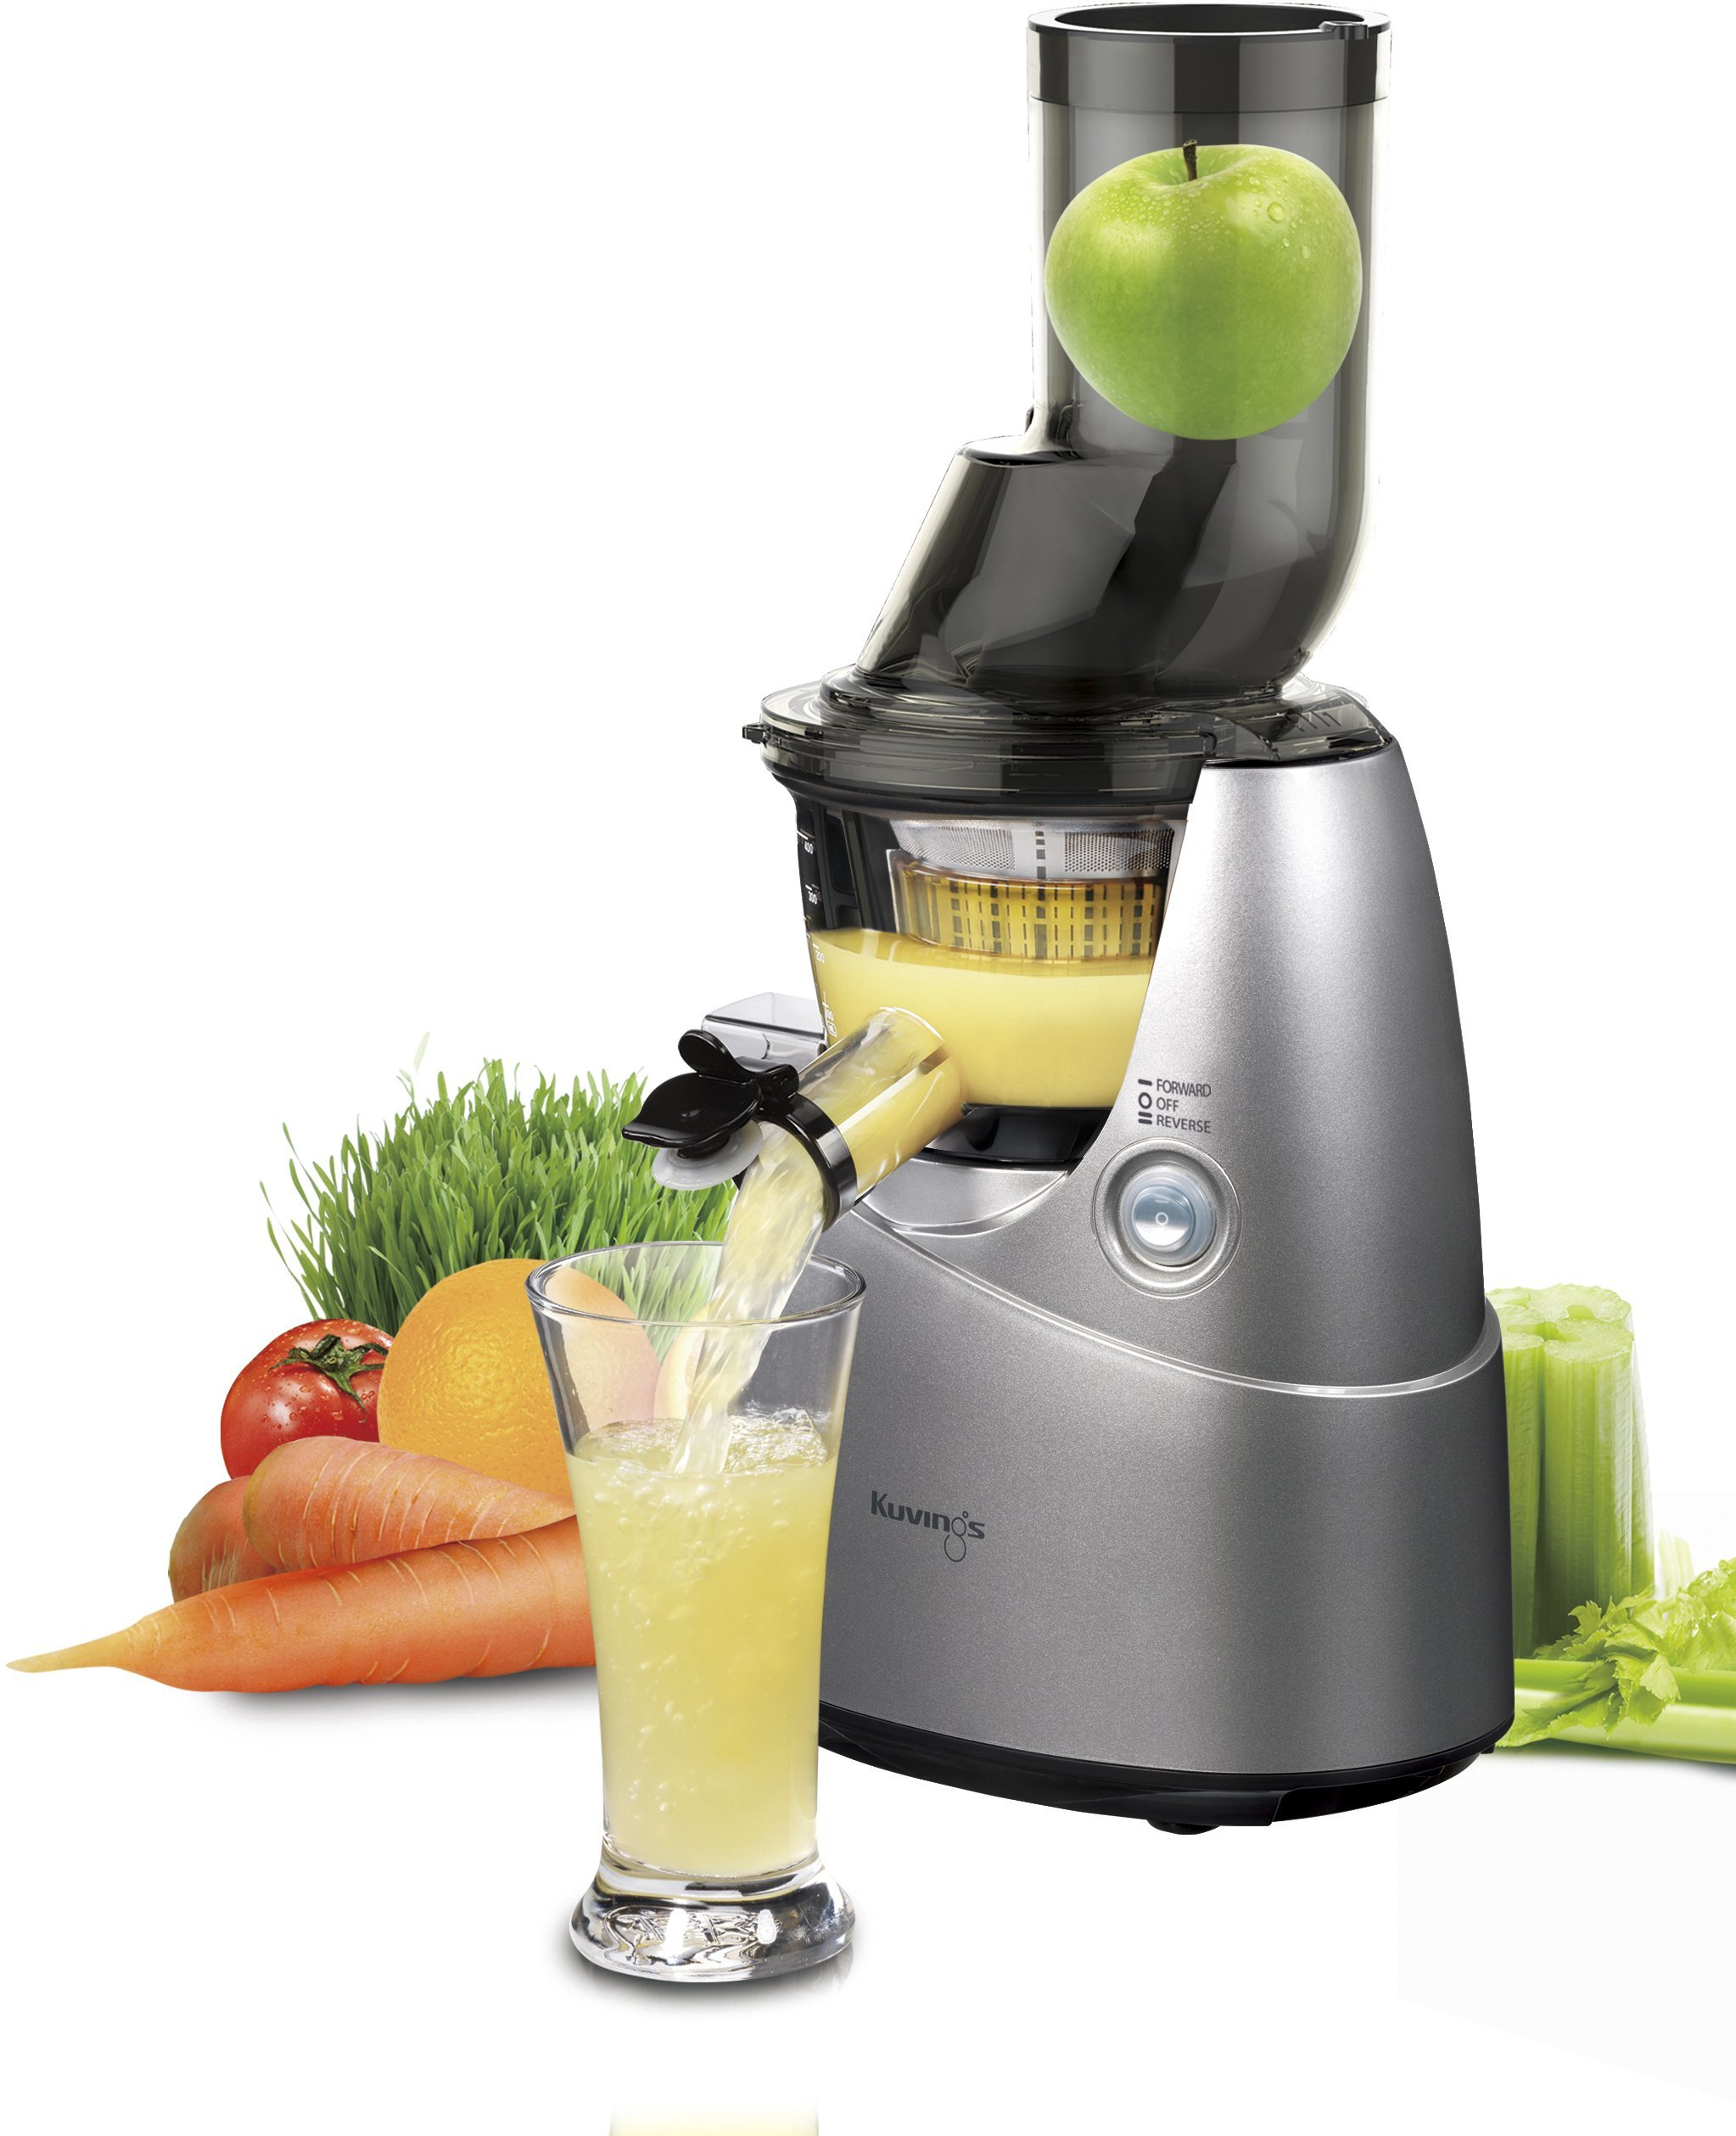 Witt slow juicer